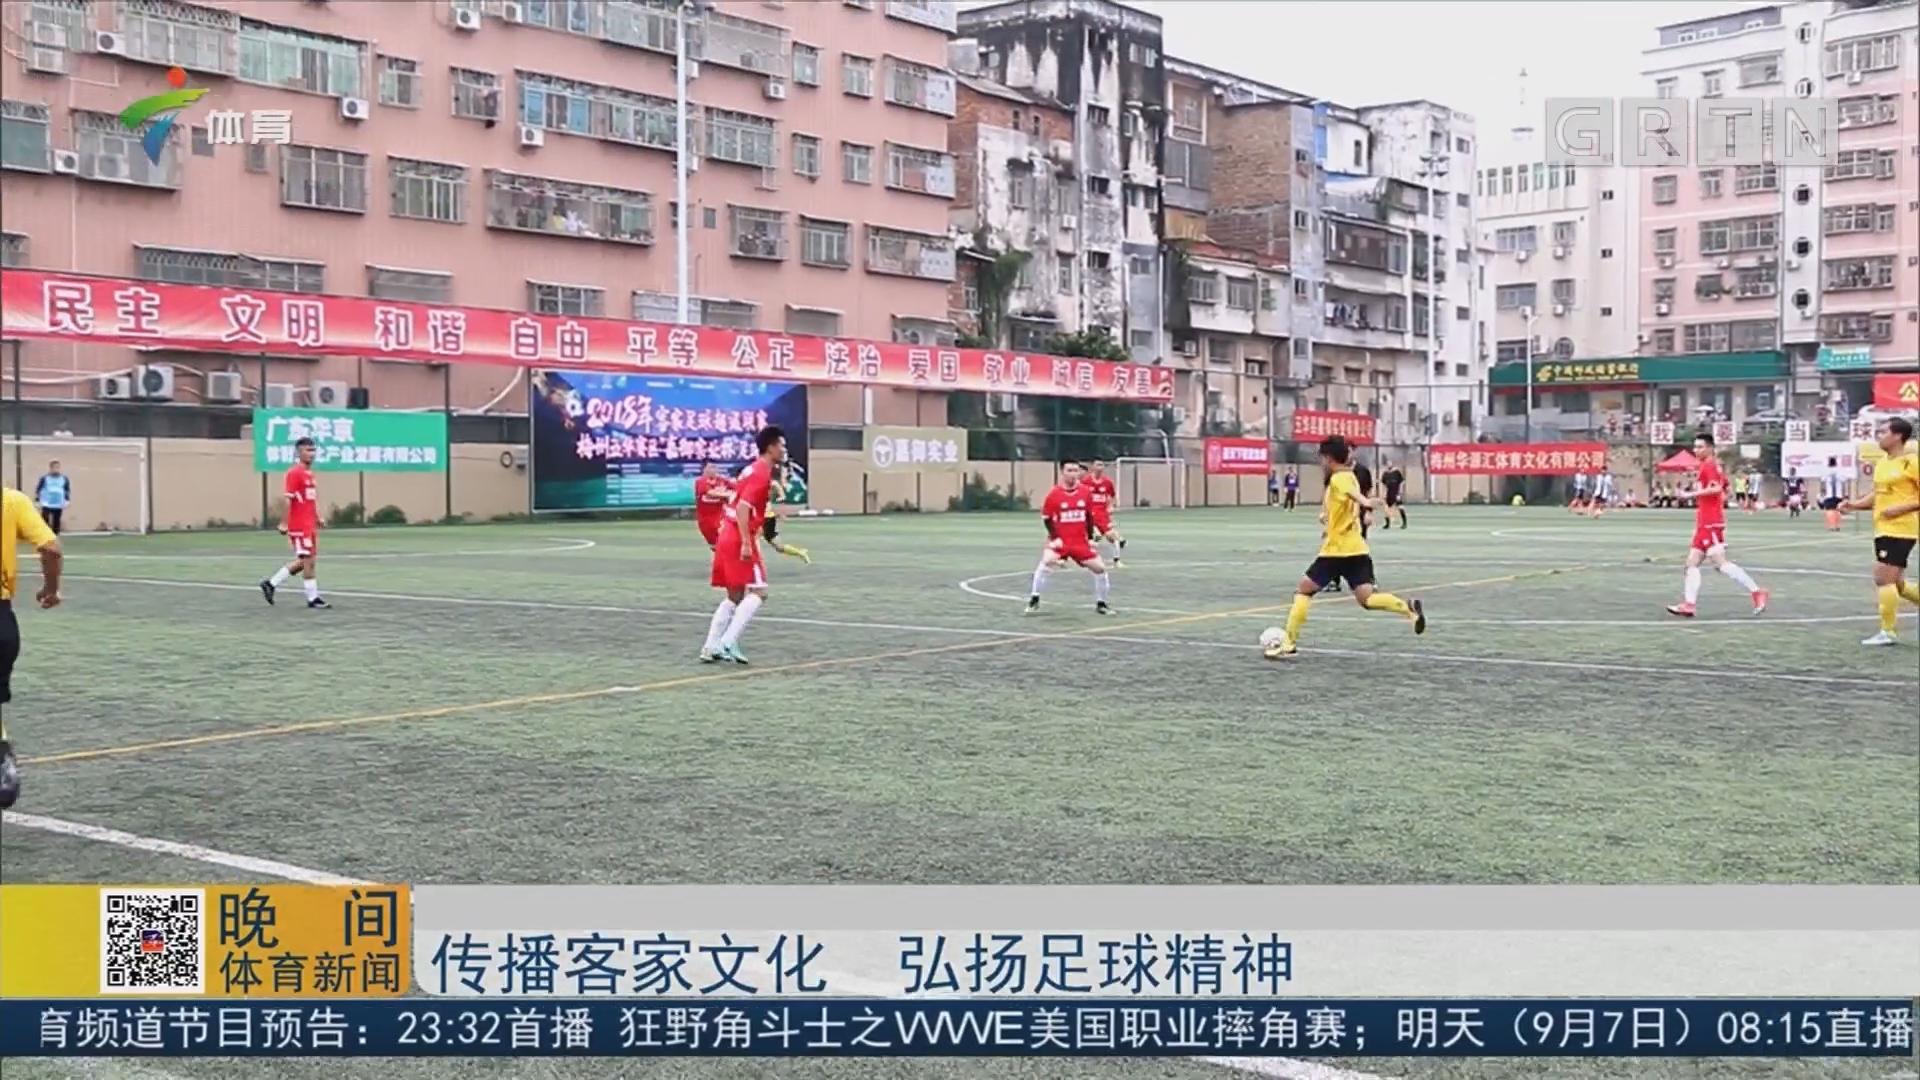 传播客家文化 弘扬足球精神